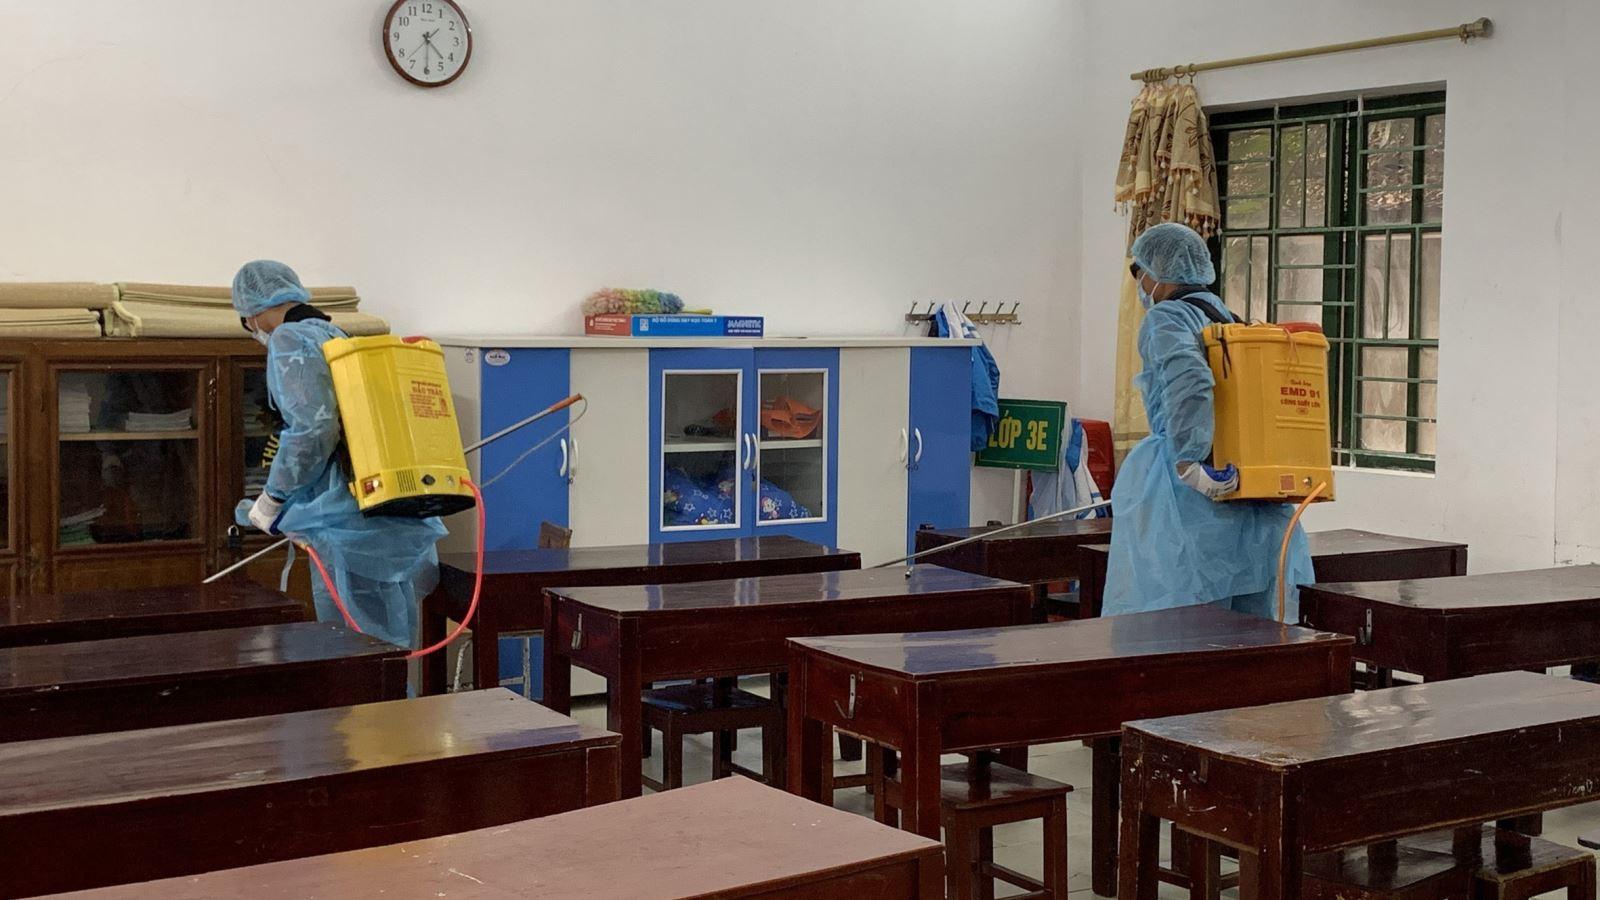 Thông tin mới nhất về dịch bệnh do virus corona: Hà Nội cho học sinh các cấp nghỉ thêm 1 tuần